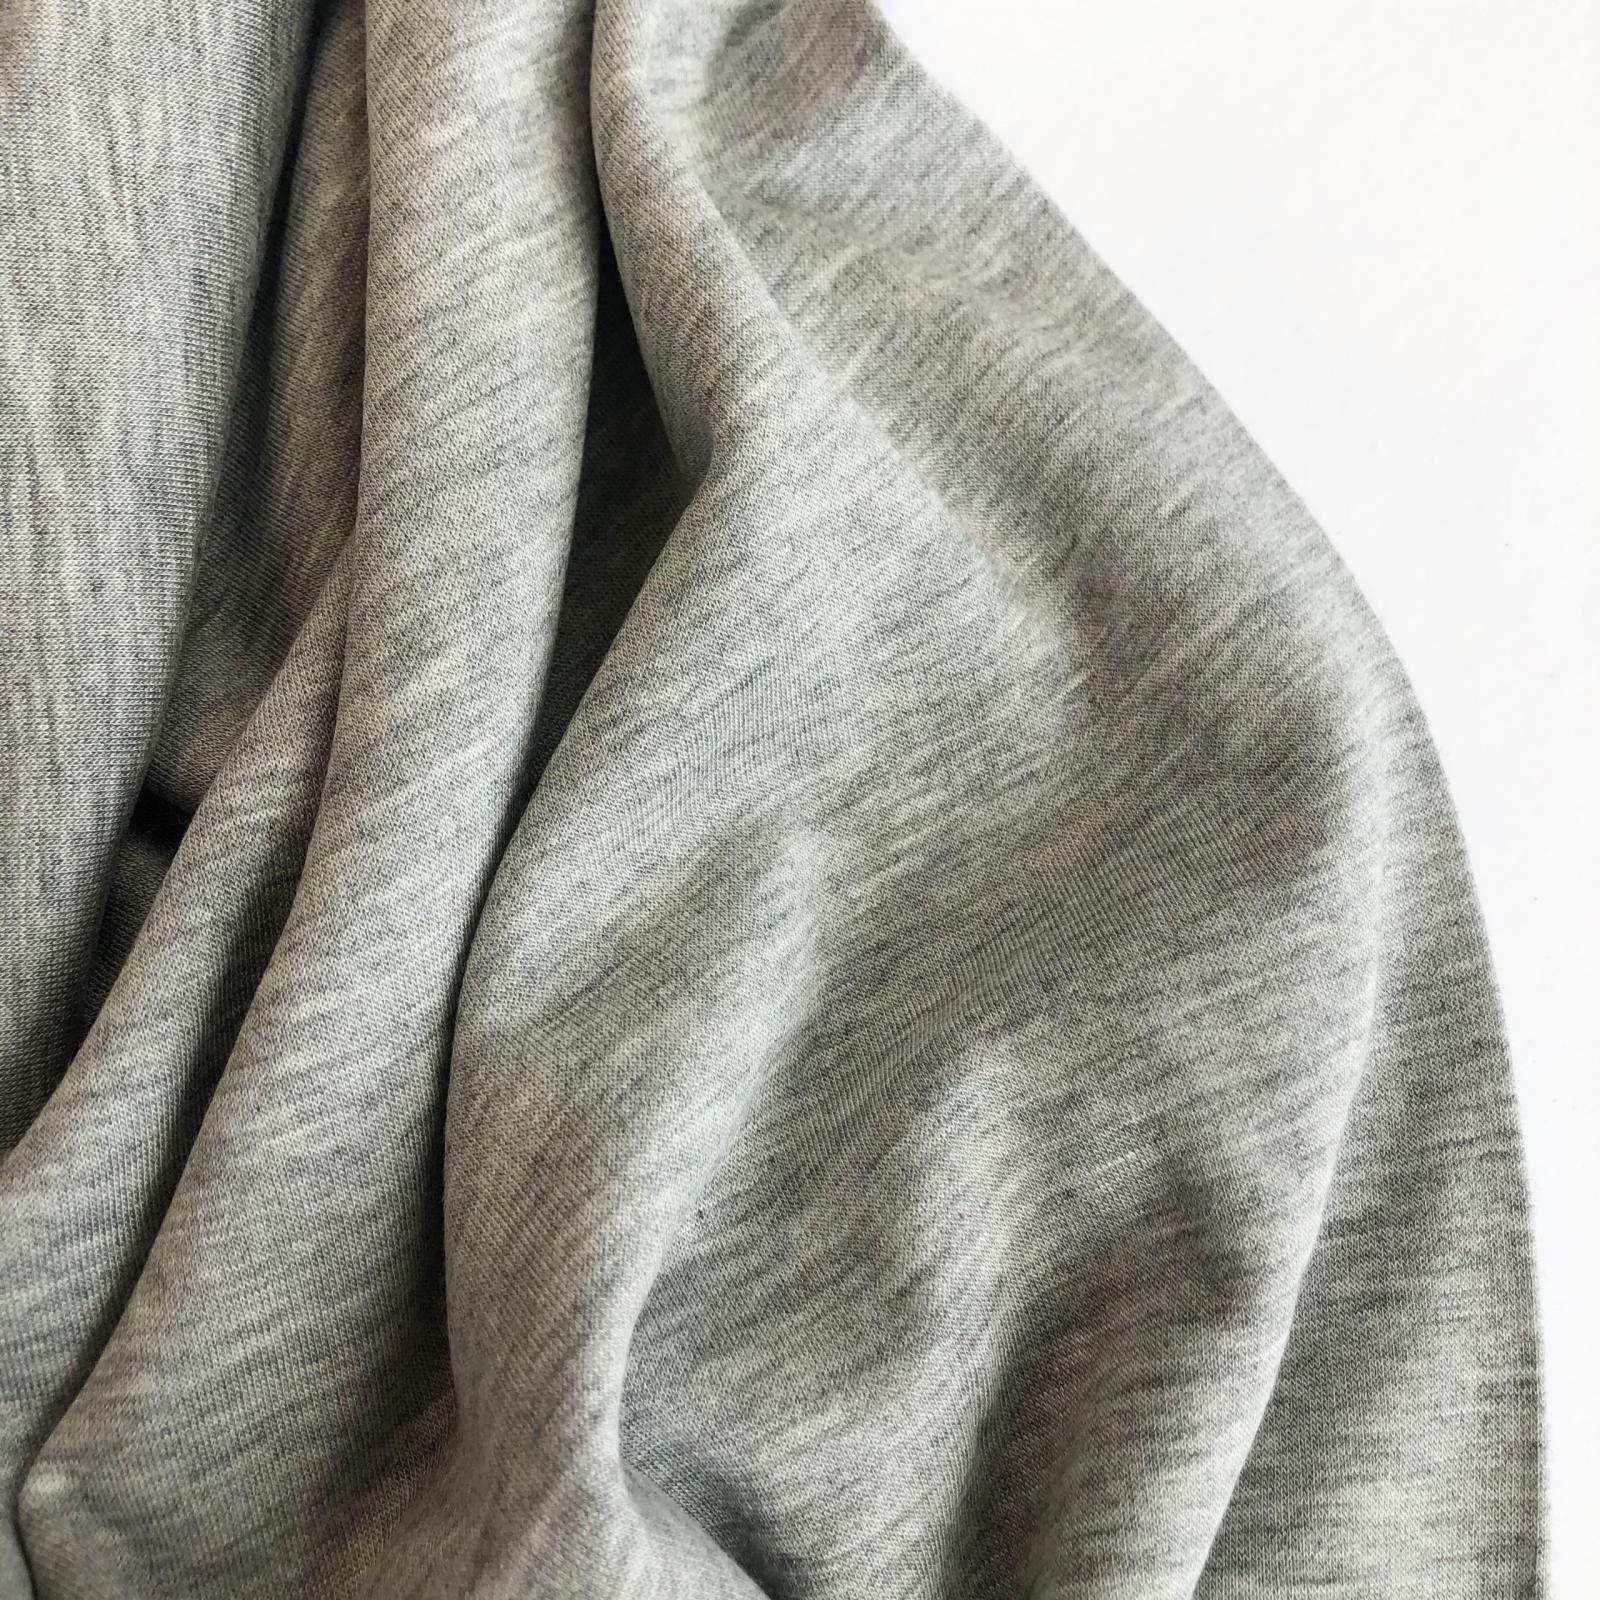 Rayon/Lycra 10 Oz Sweatshirt Fleece - Heather Grey